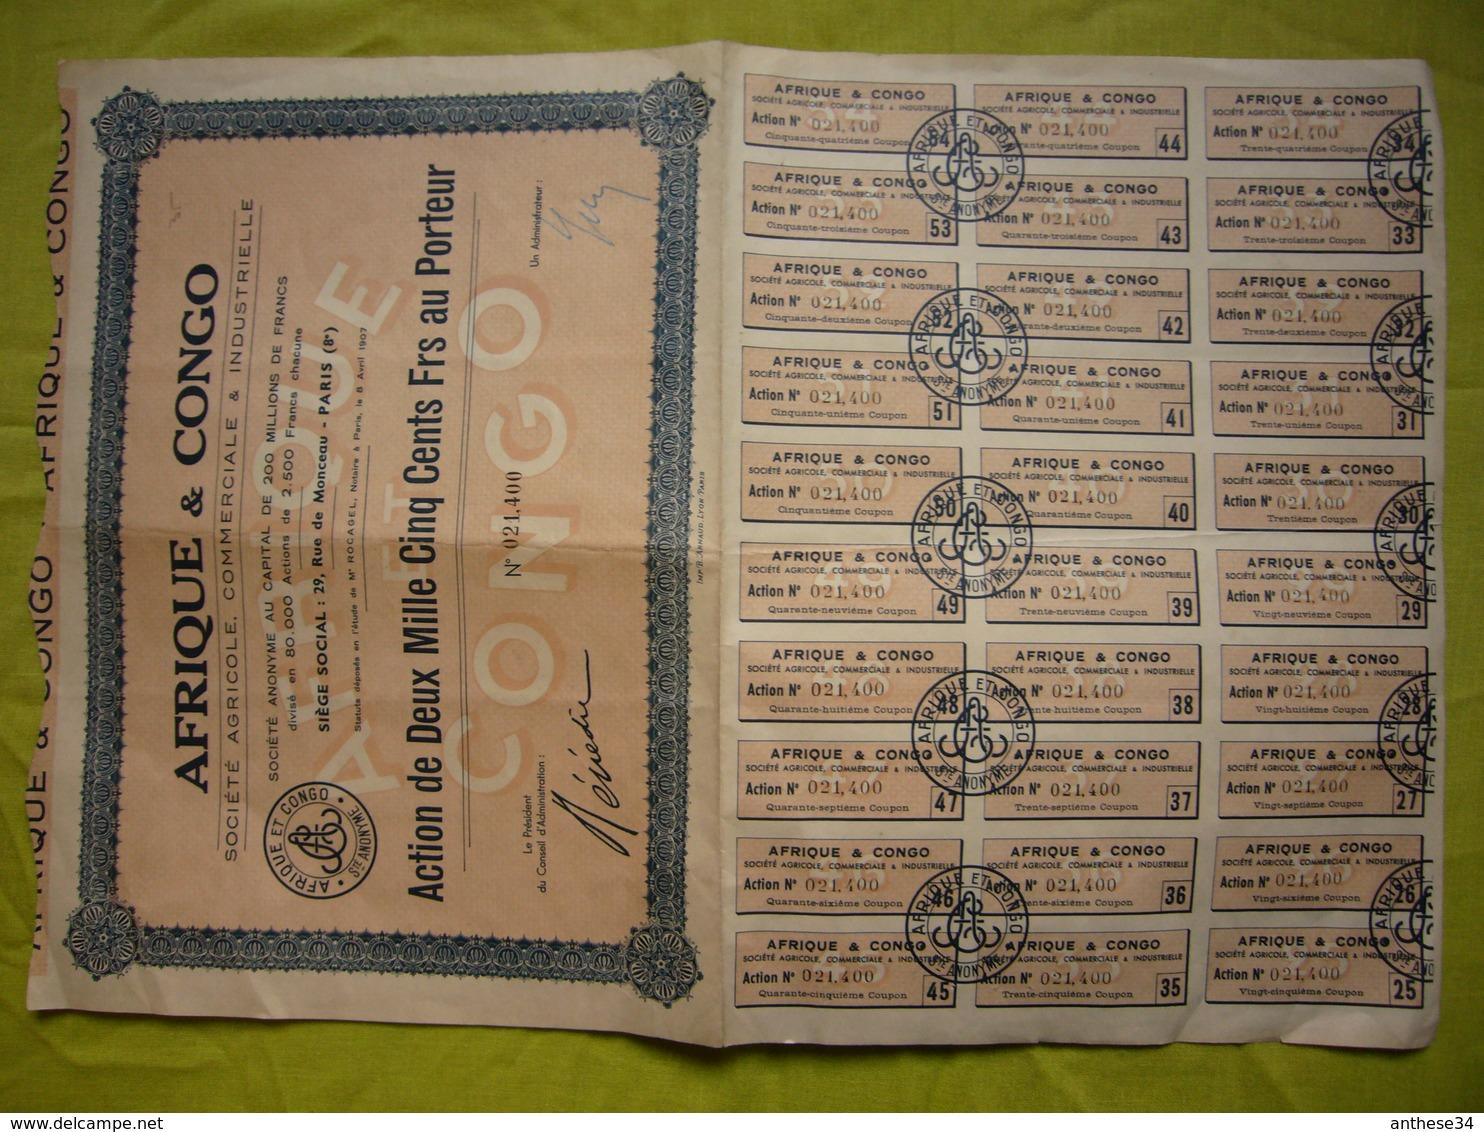 Action 1907 Afrique & Congo Sté Agricole, Commerciale ... 2500 Francs Au Porteur - Afrique